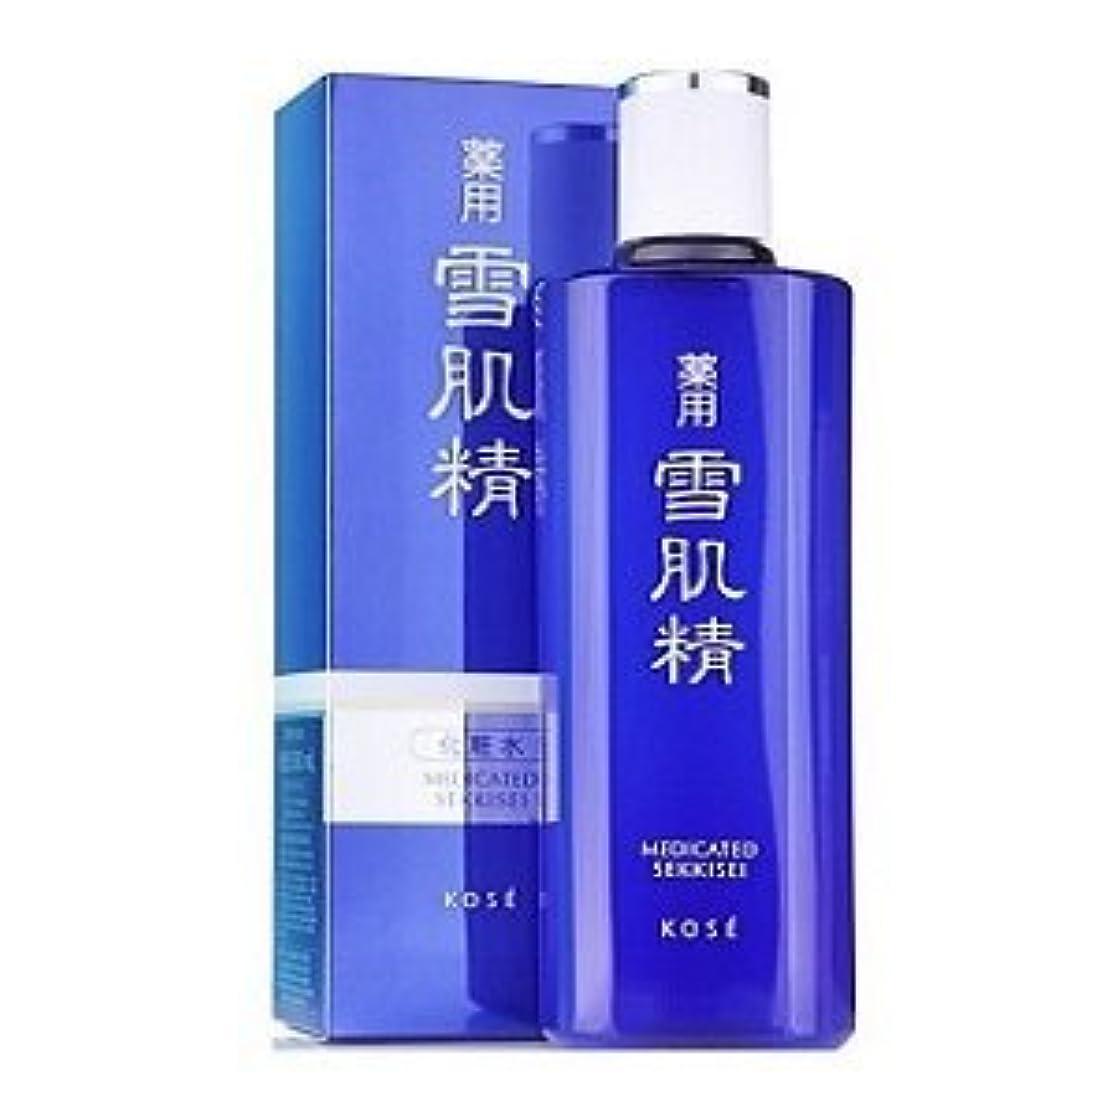 肌寒いポジションデンプシーコーセー 薬用 雪肌精 360ml 化粧水